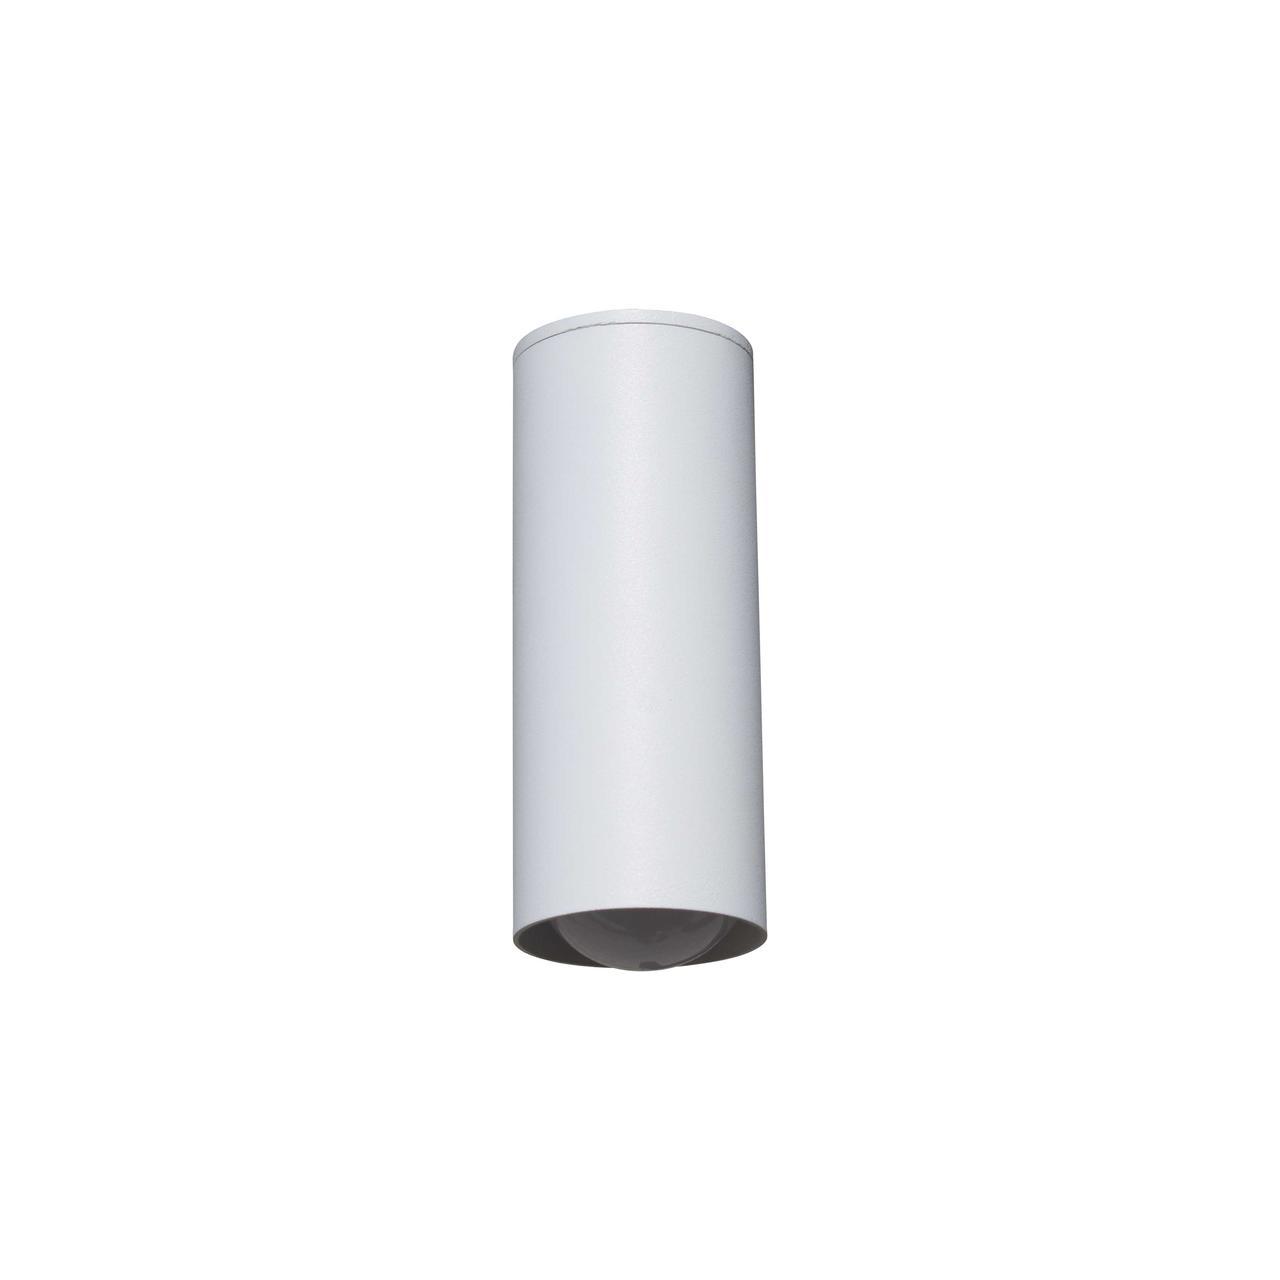 Світильник стельовий Трубка NL 1205 W MSK Electric